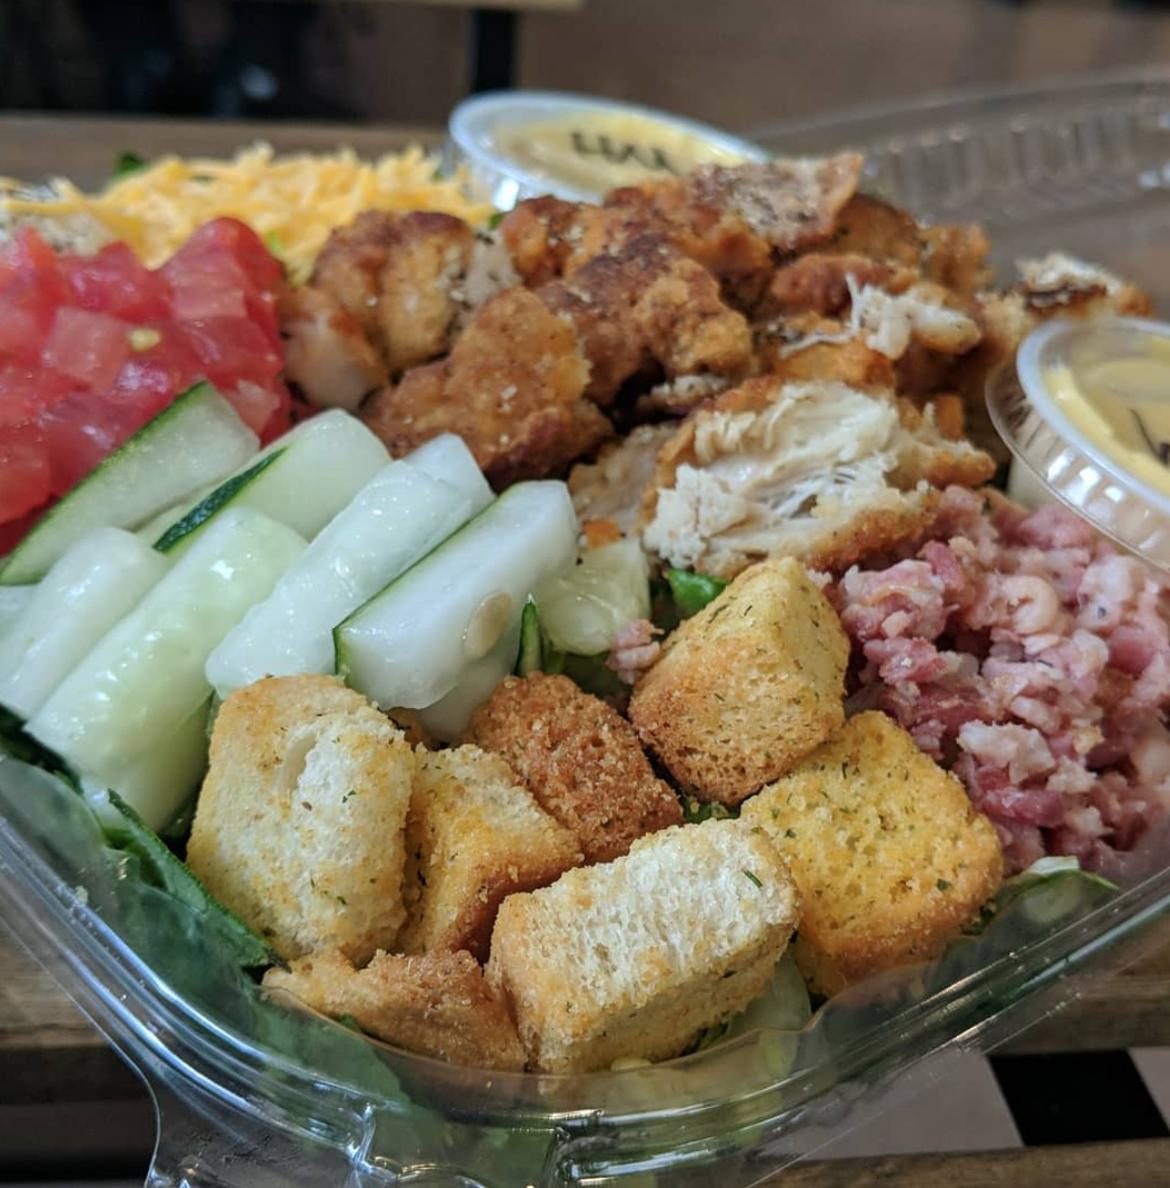 Healthy Eats In Milledgeville Meet Milledgeville